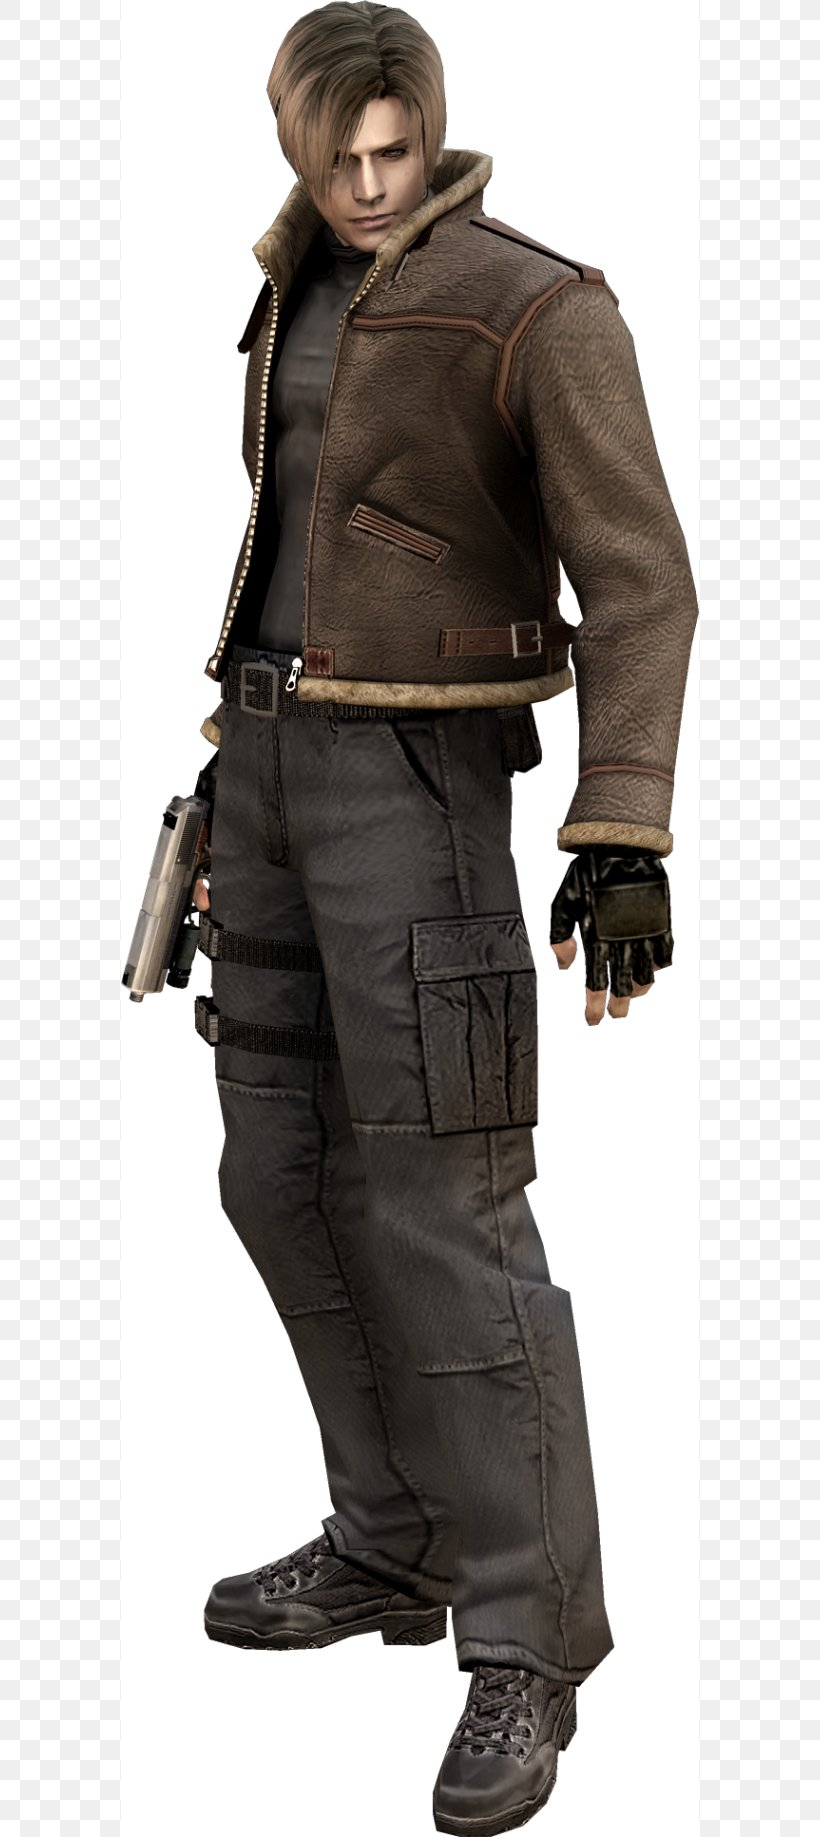 Leon S Kennedy Resident Evil 4 Resident Evil 2 Resident